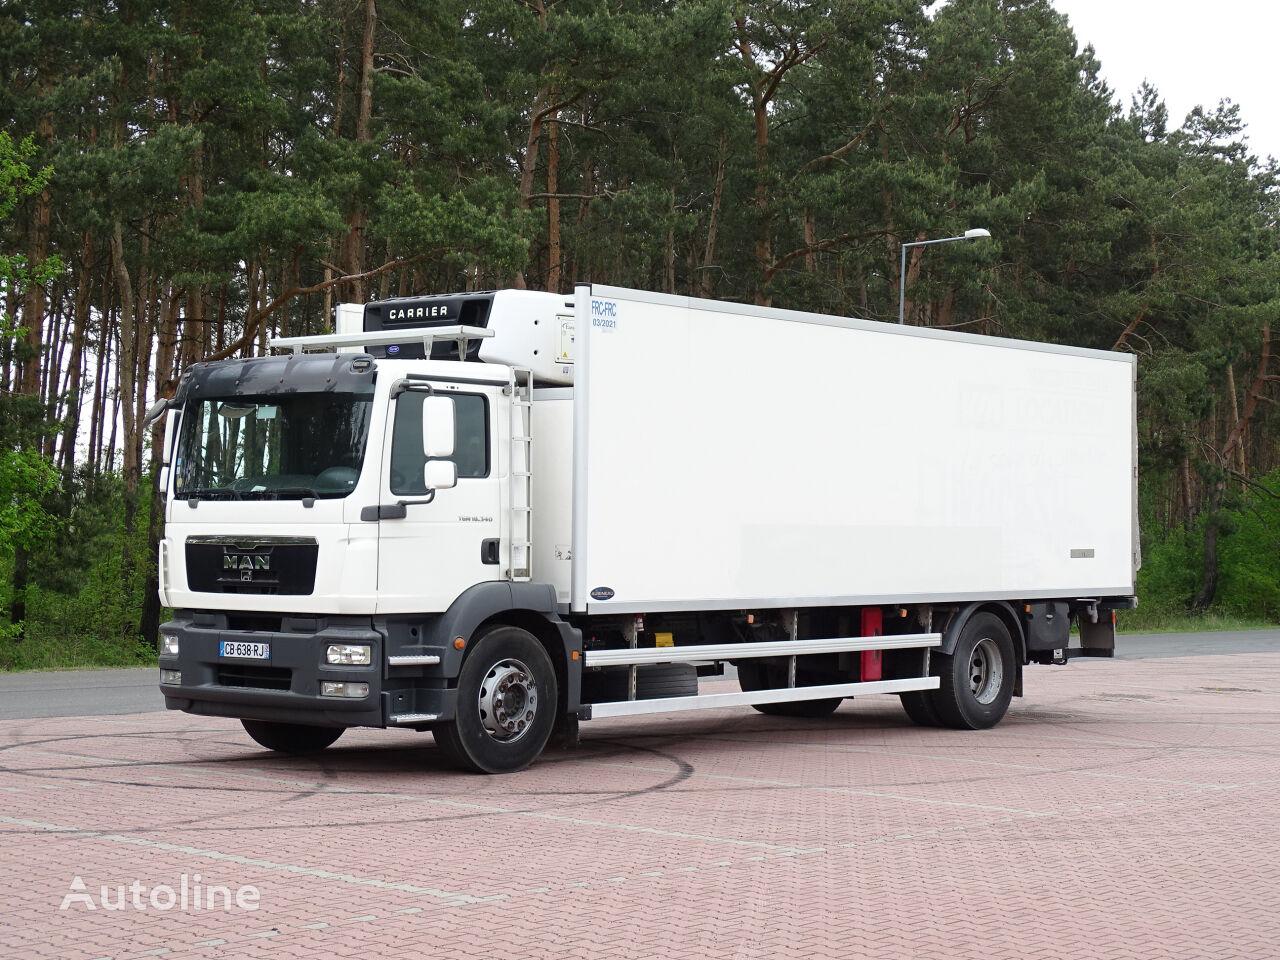 MAN TGM 18.340 refrigerated truck